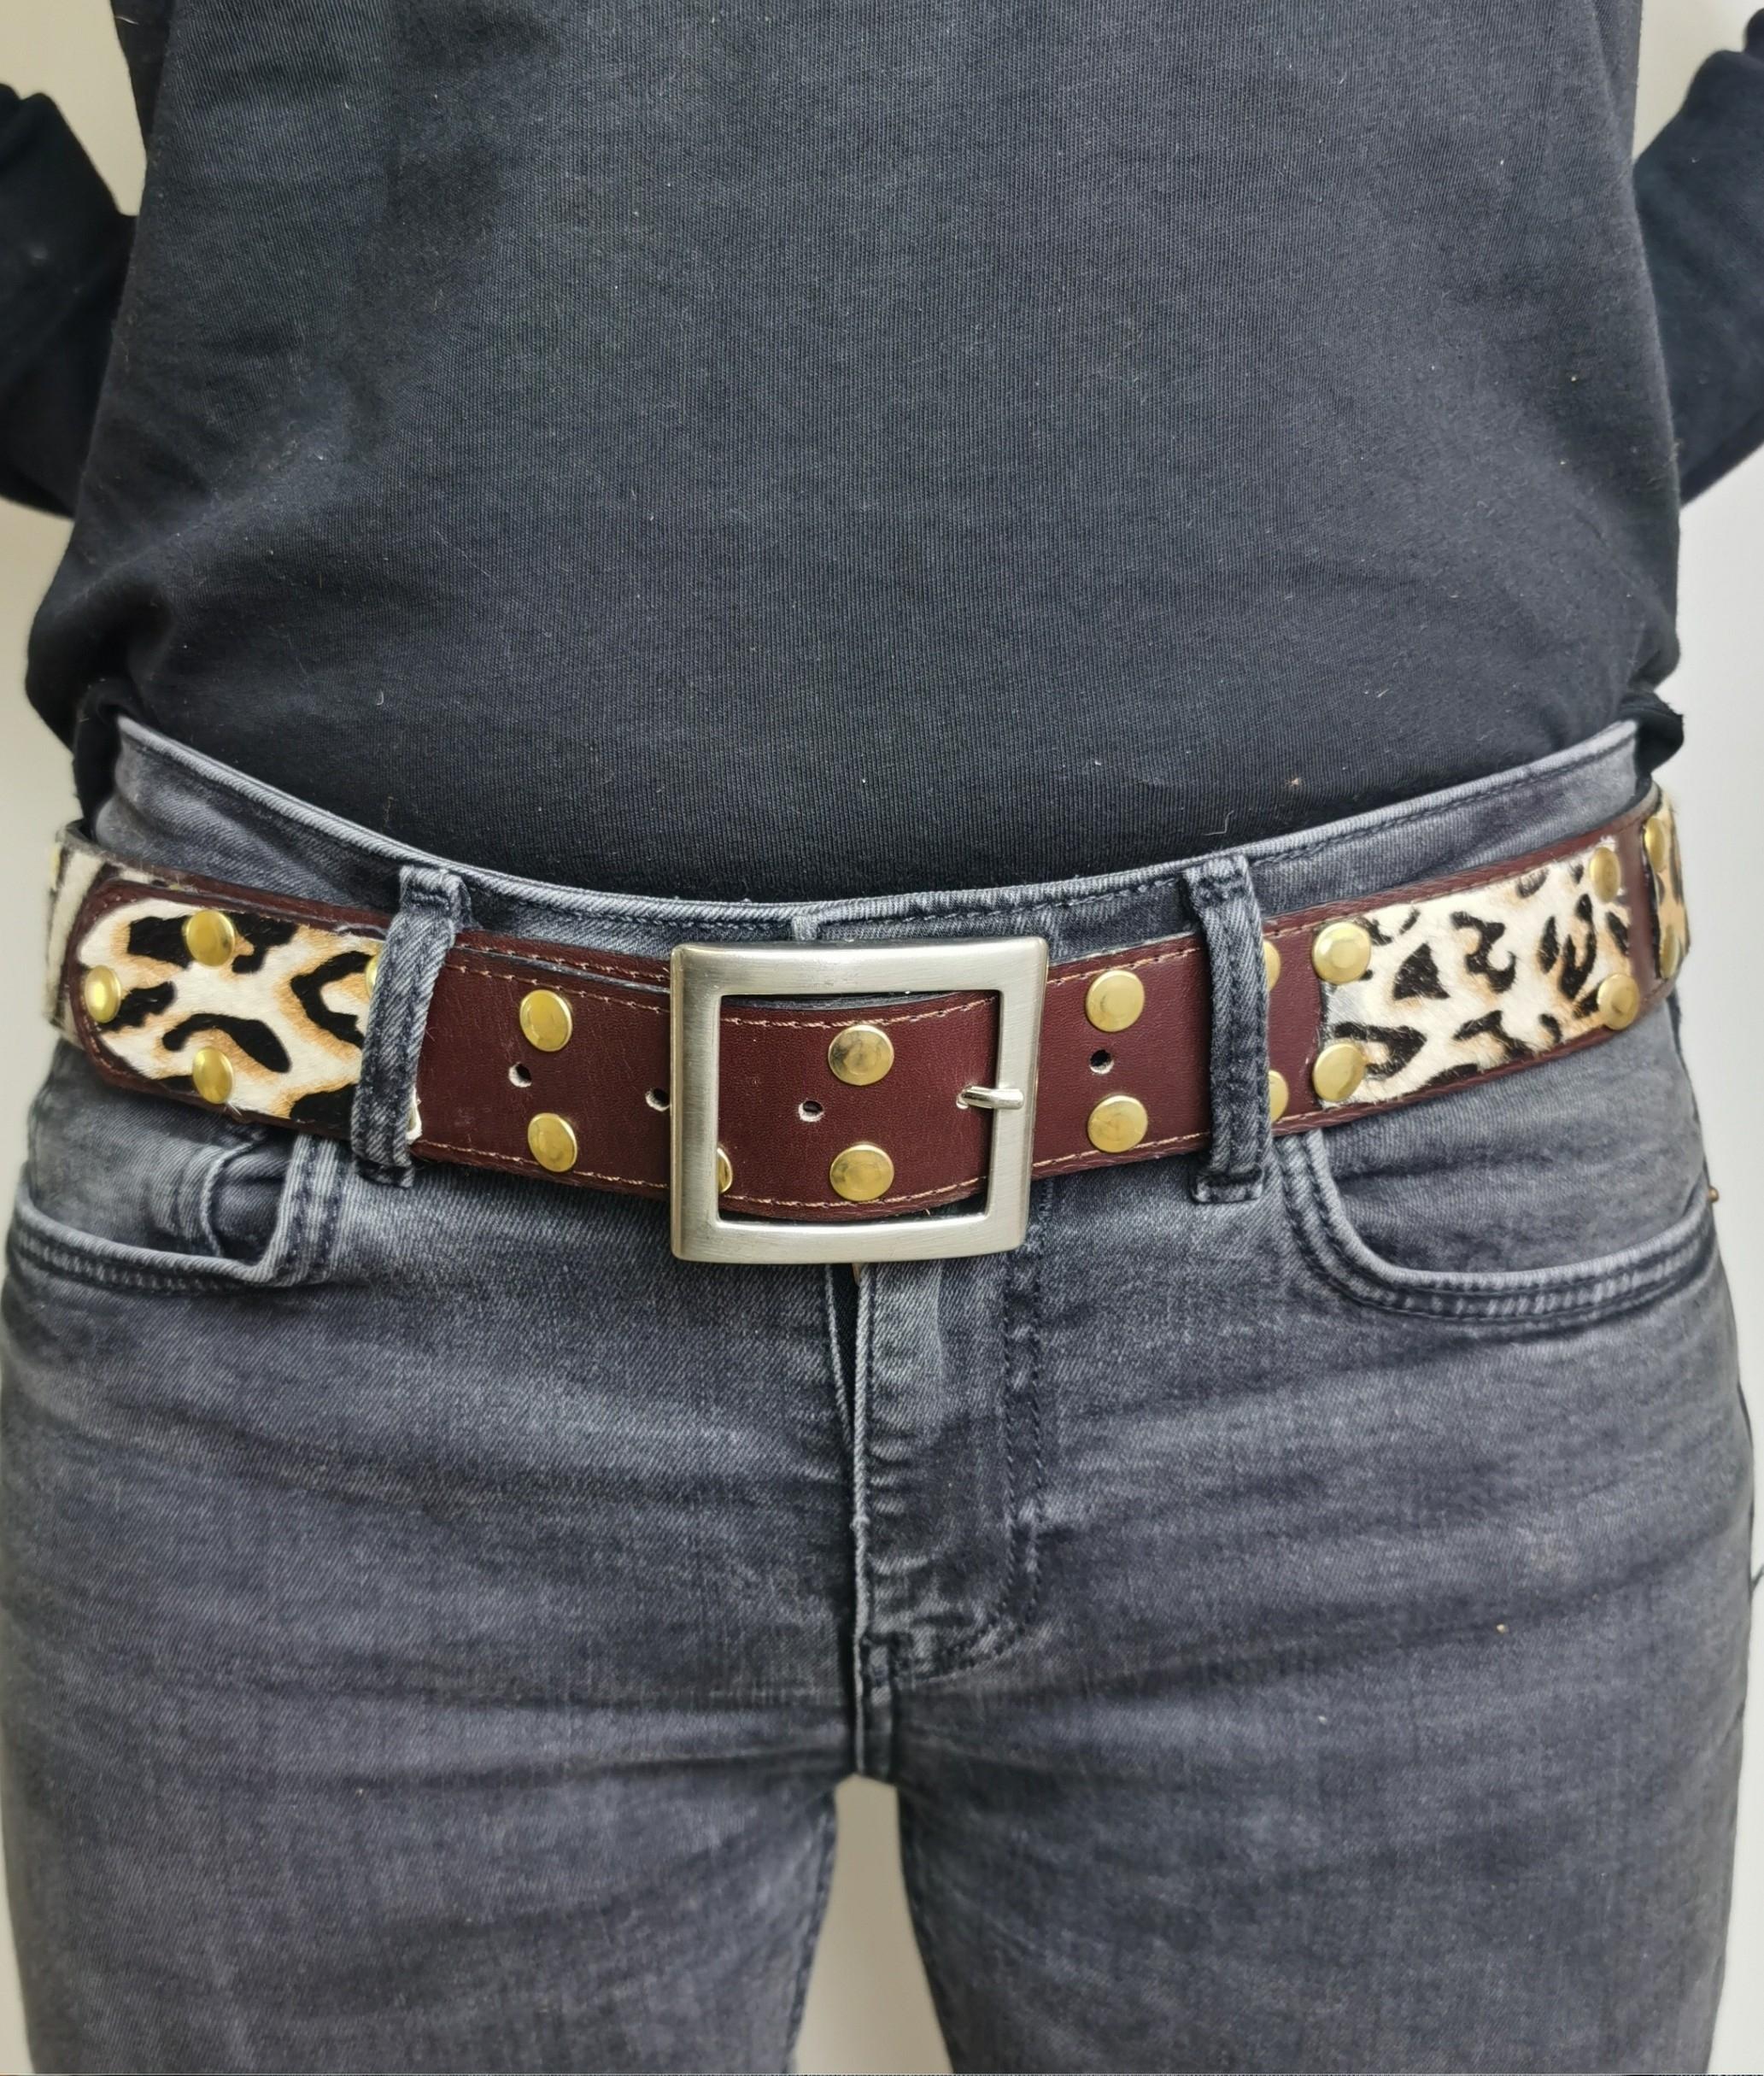 Cinturón de piel Mia - Como